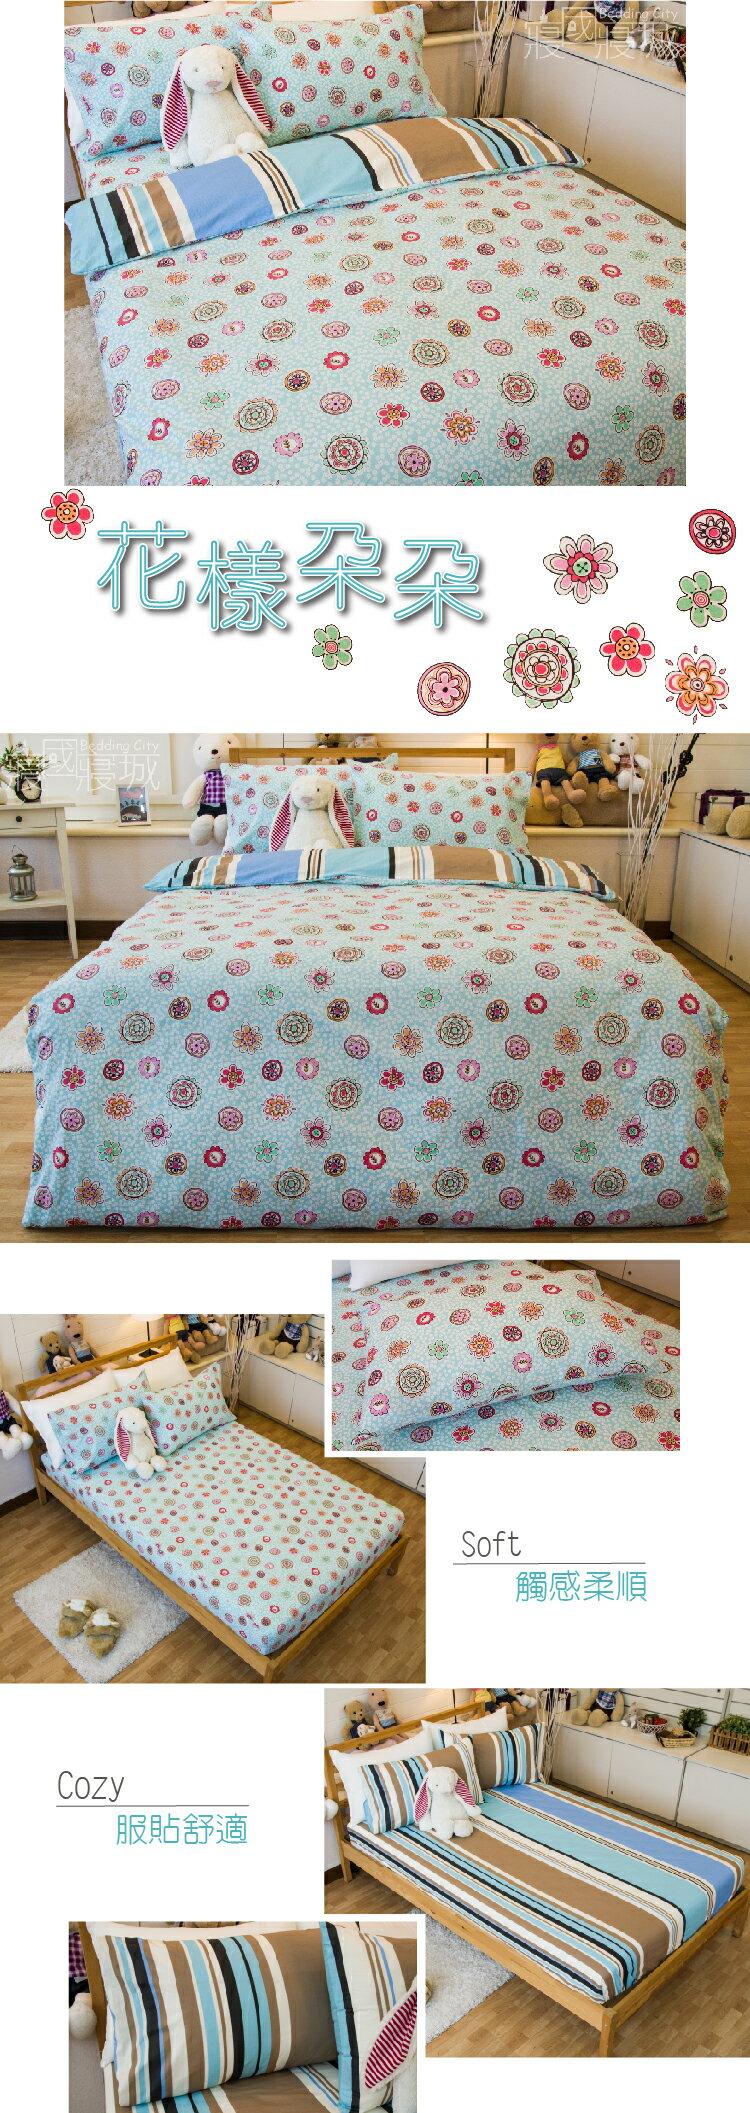 100%精梳棉-單人床包被套三件組 花樣朵朵【大鐘印染、台灣製造】#精梳純綿 1